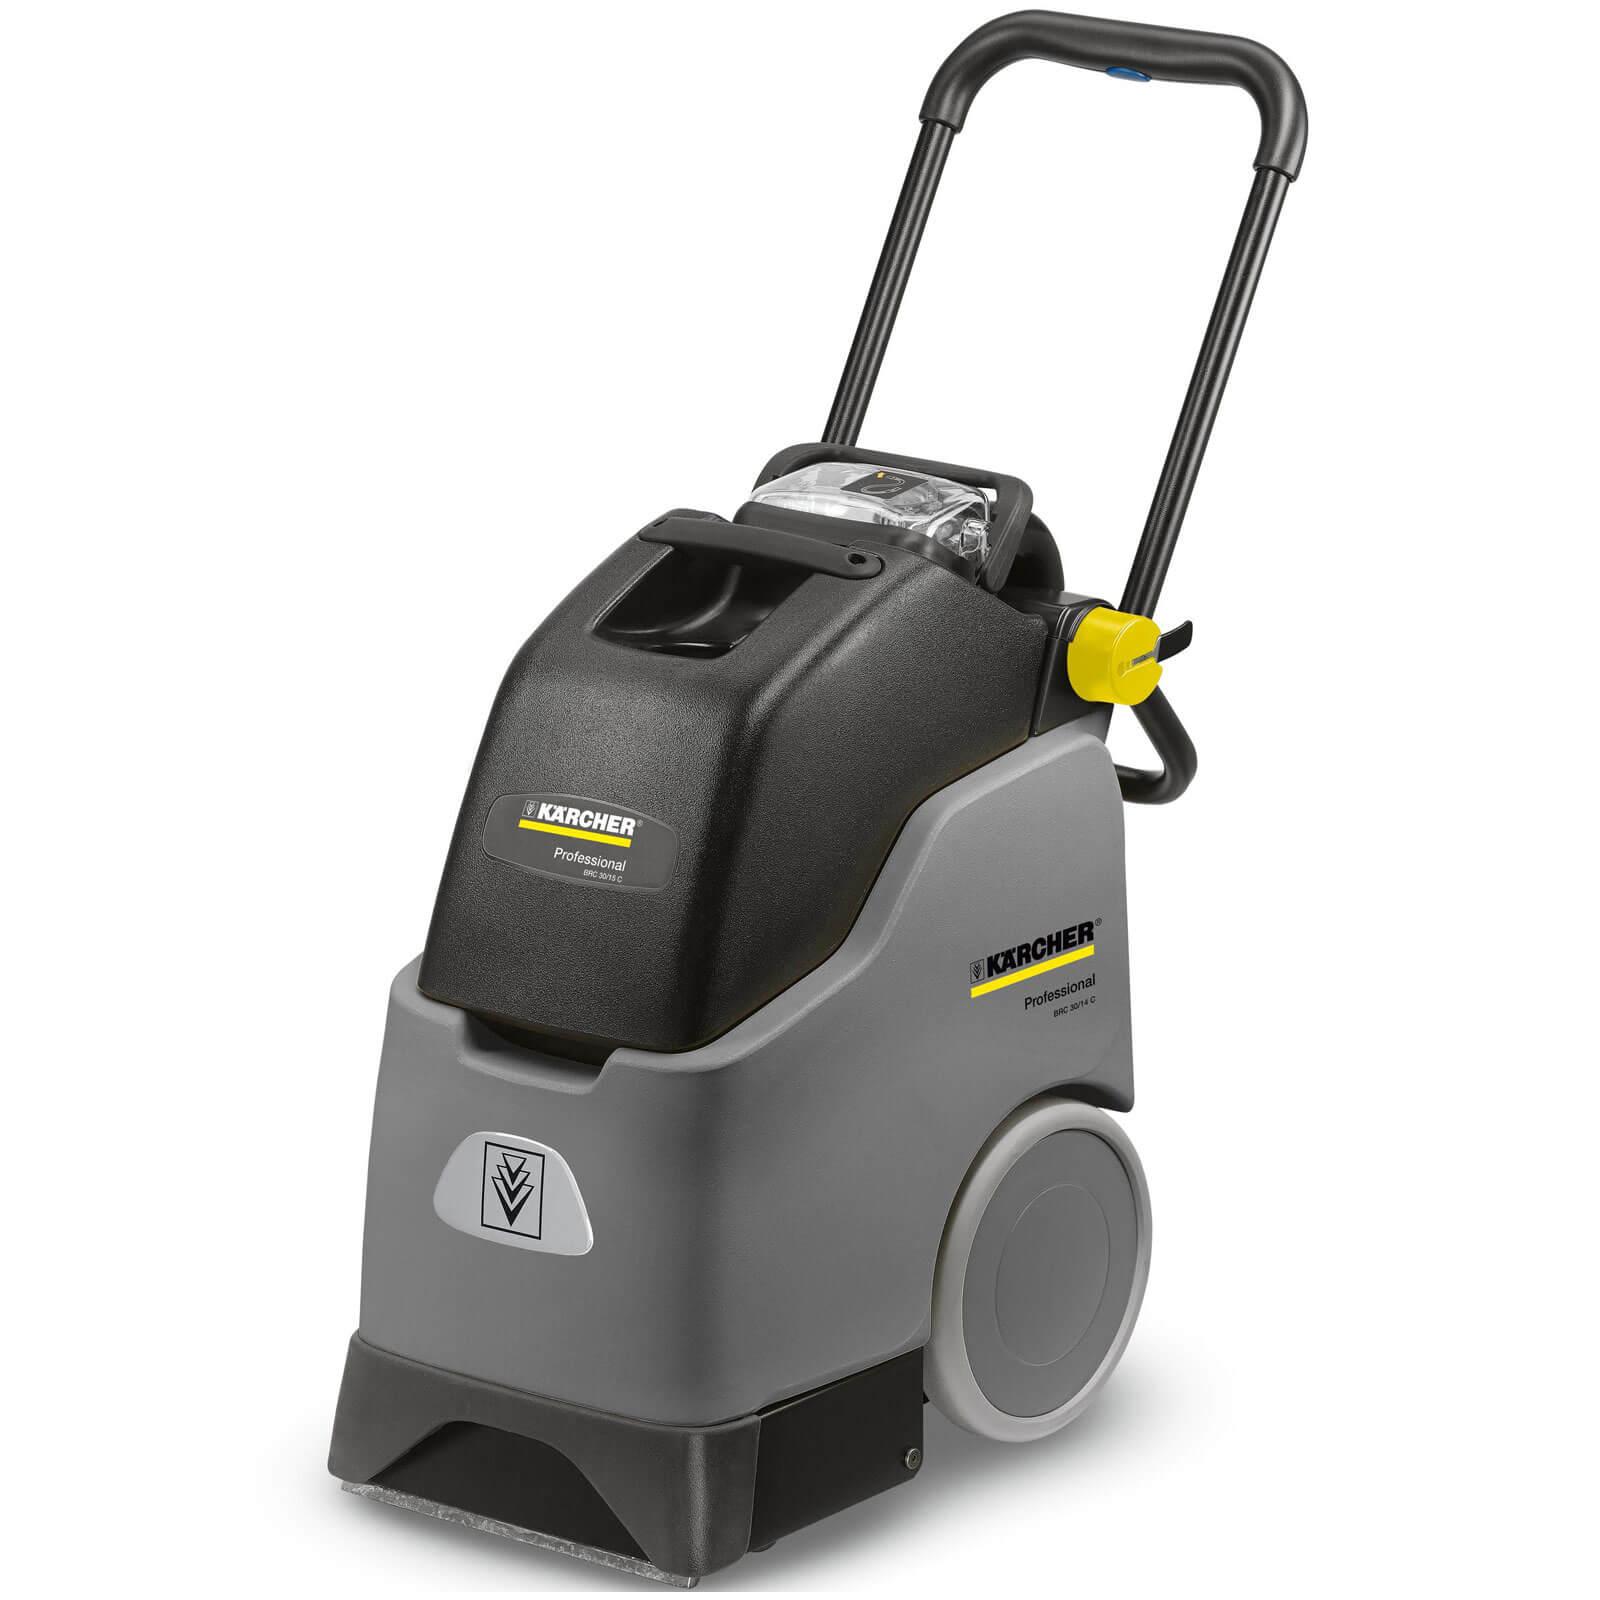 Karcher BRC 30/15 C Professional Upright Carpet Cleaner 15L Tank 240v